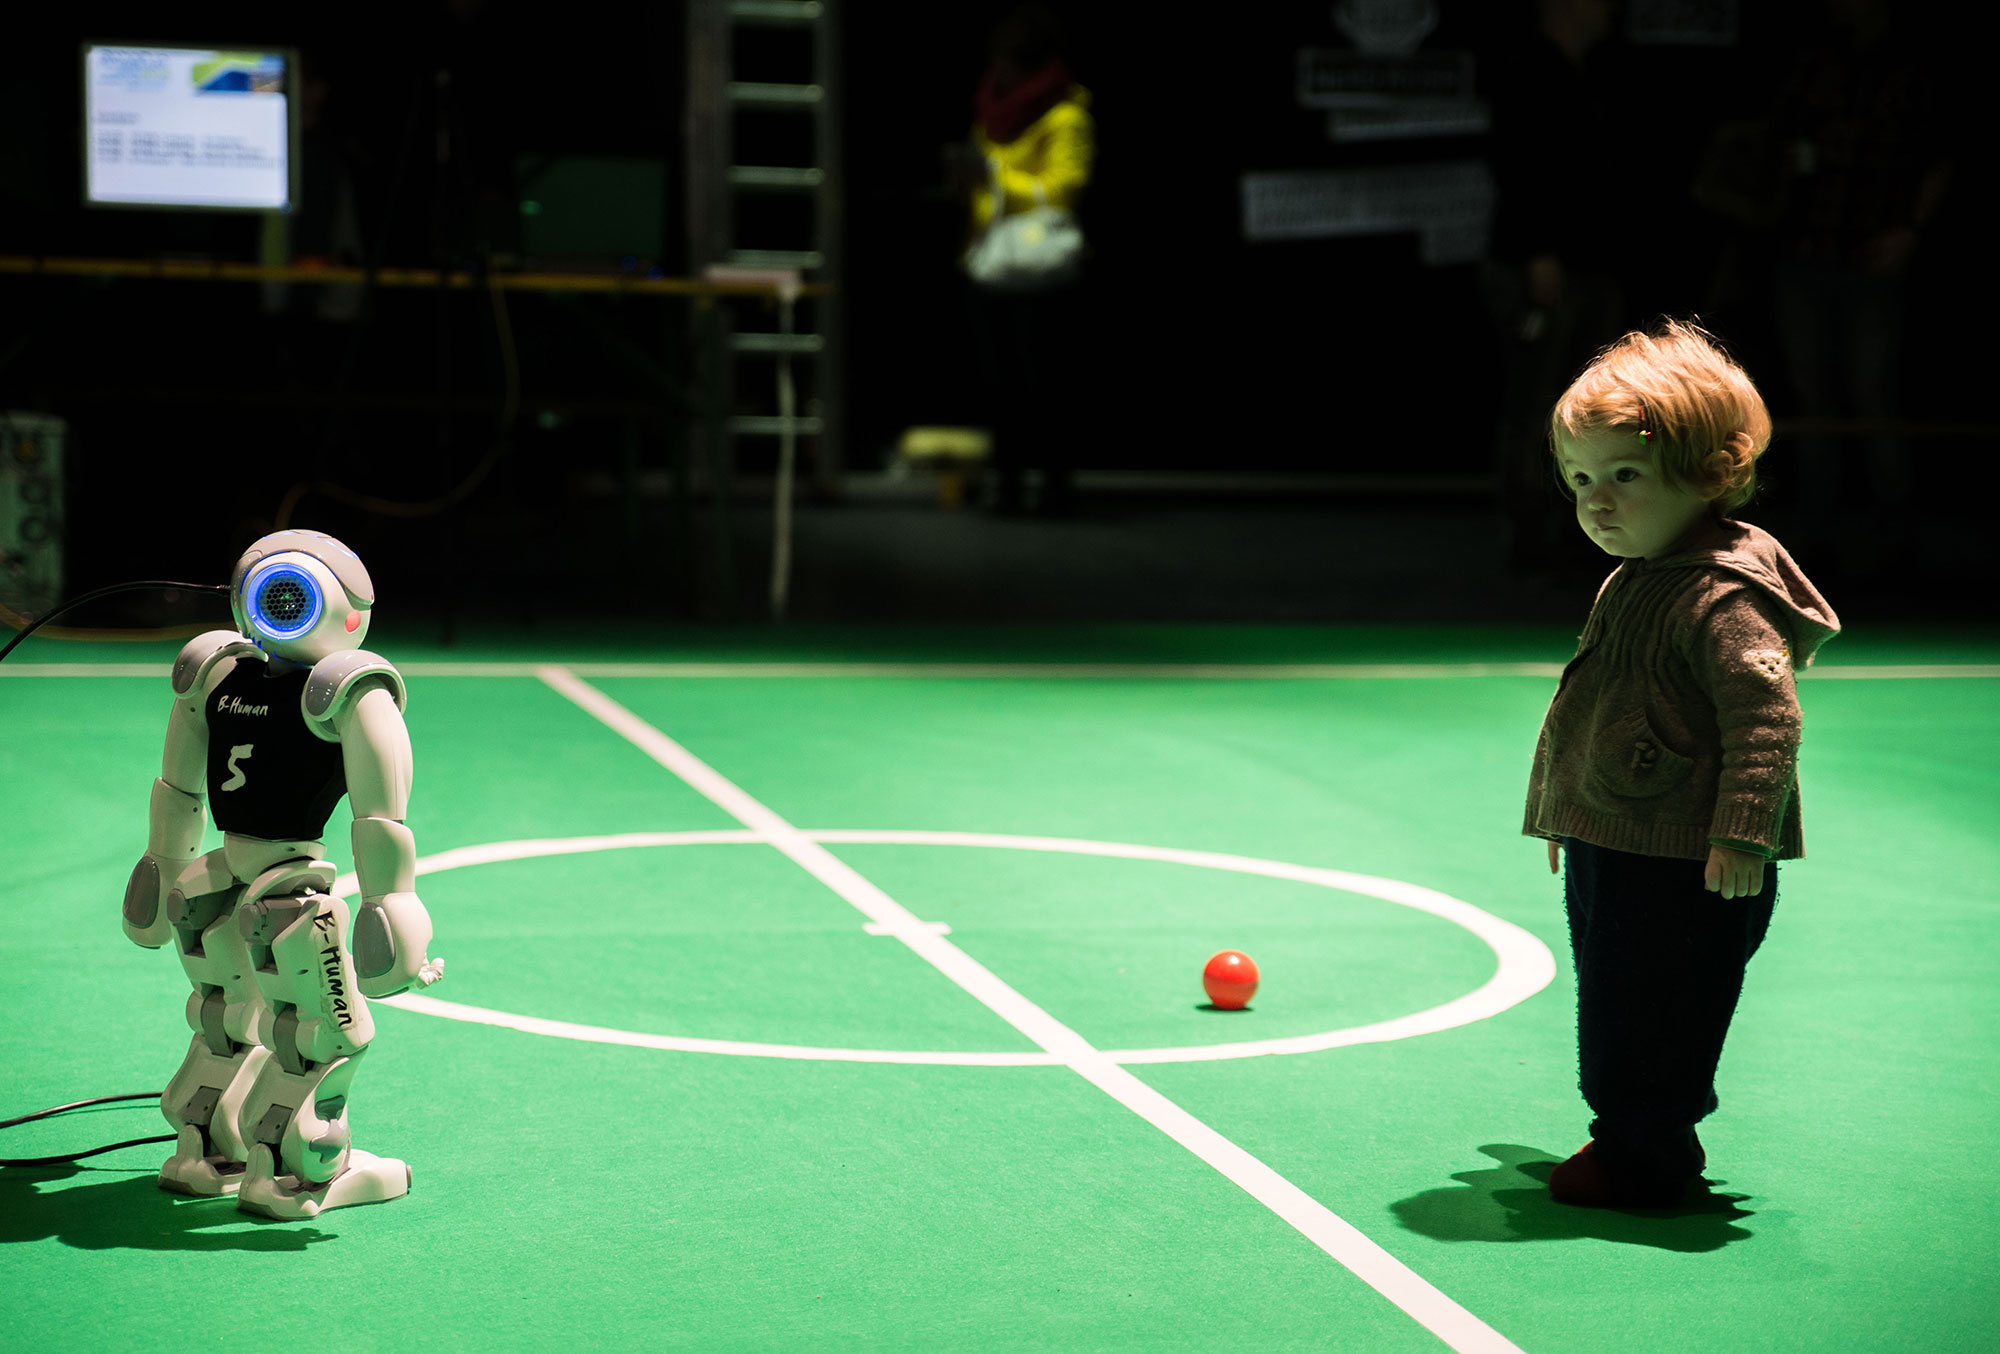 RoboCup Spielfeld Make Munich 2016 © Foto: Nathan Jamin